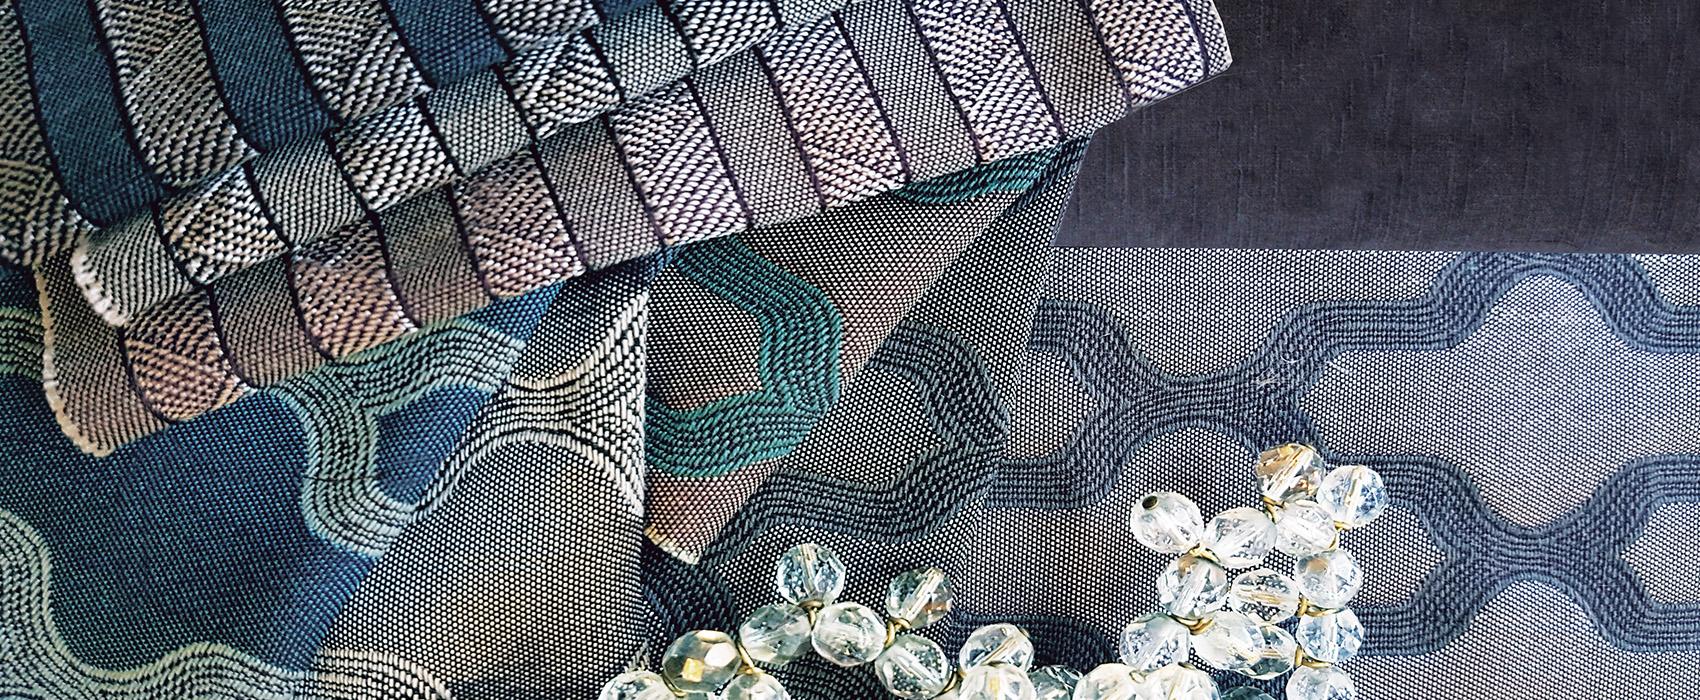 home-page-lopificio-tessuti-e-velluti-per-arredamento-fabrics-and-velvets-manufacturer-4-homepage.jpg